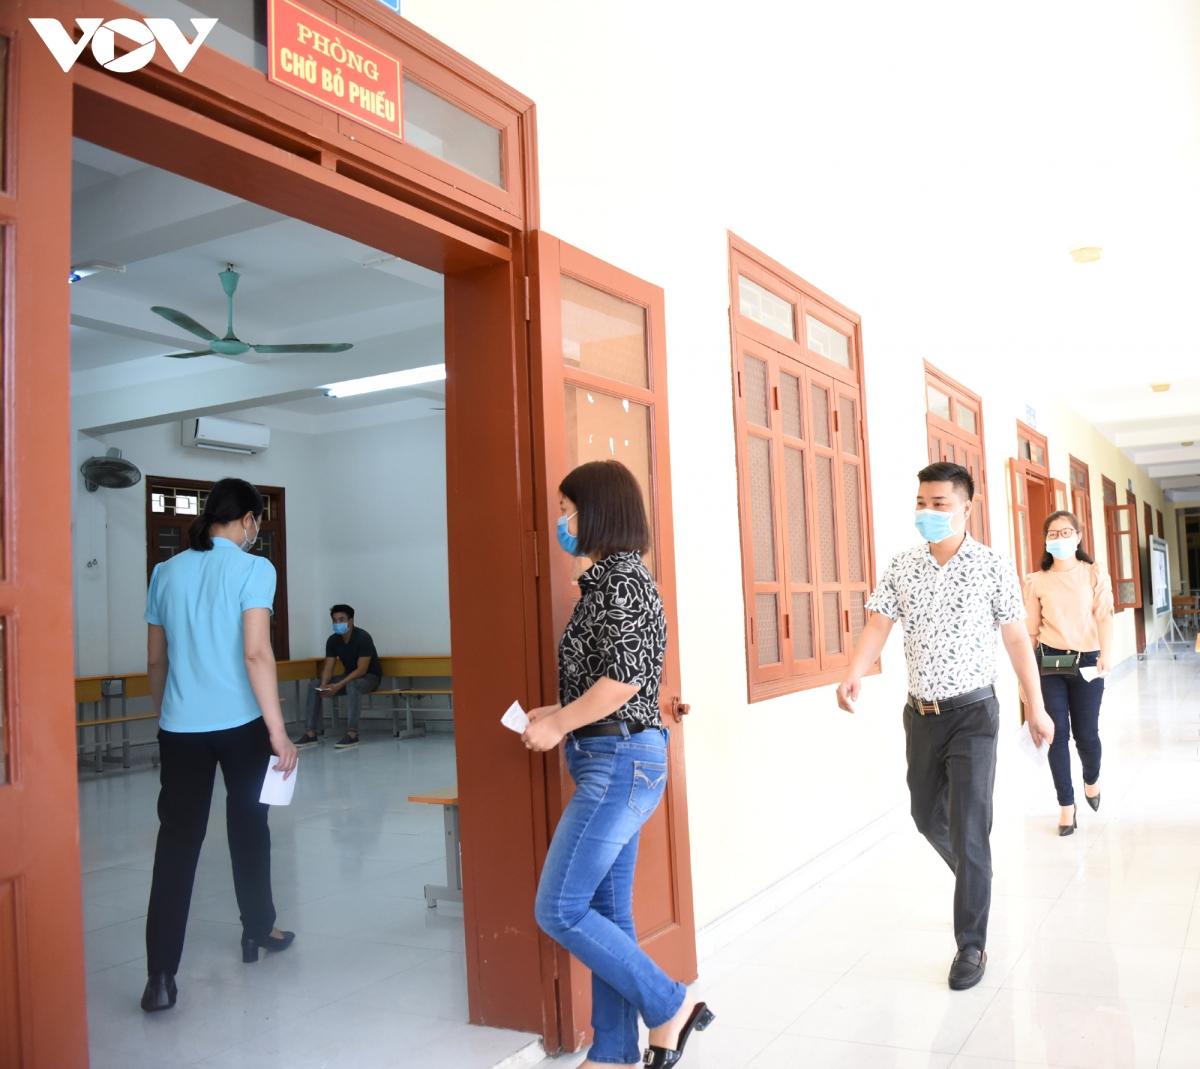 """""""Cử tri"""" tiến vào phòng chờ bỏ phiếu trước khi đến lượt thực hiện việc bỏ phiếu bầu cử Đại biểu Quốc hội khóa XV và đại biểu HĐND các cấp nhiệm kỳ 2021-2026"""